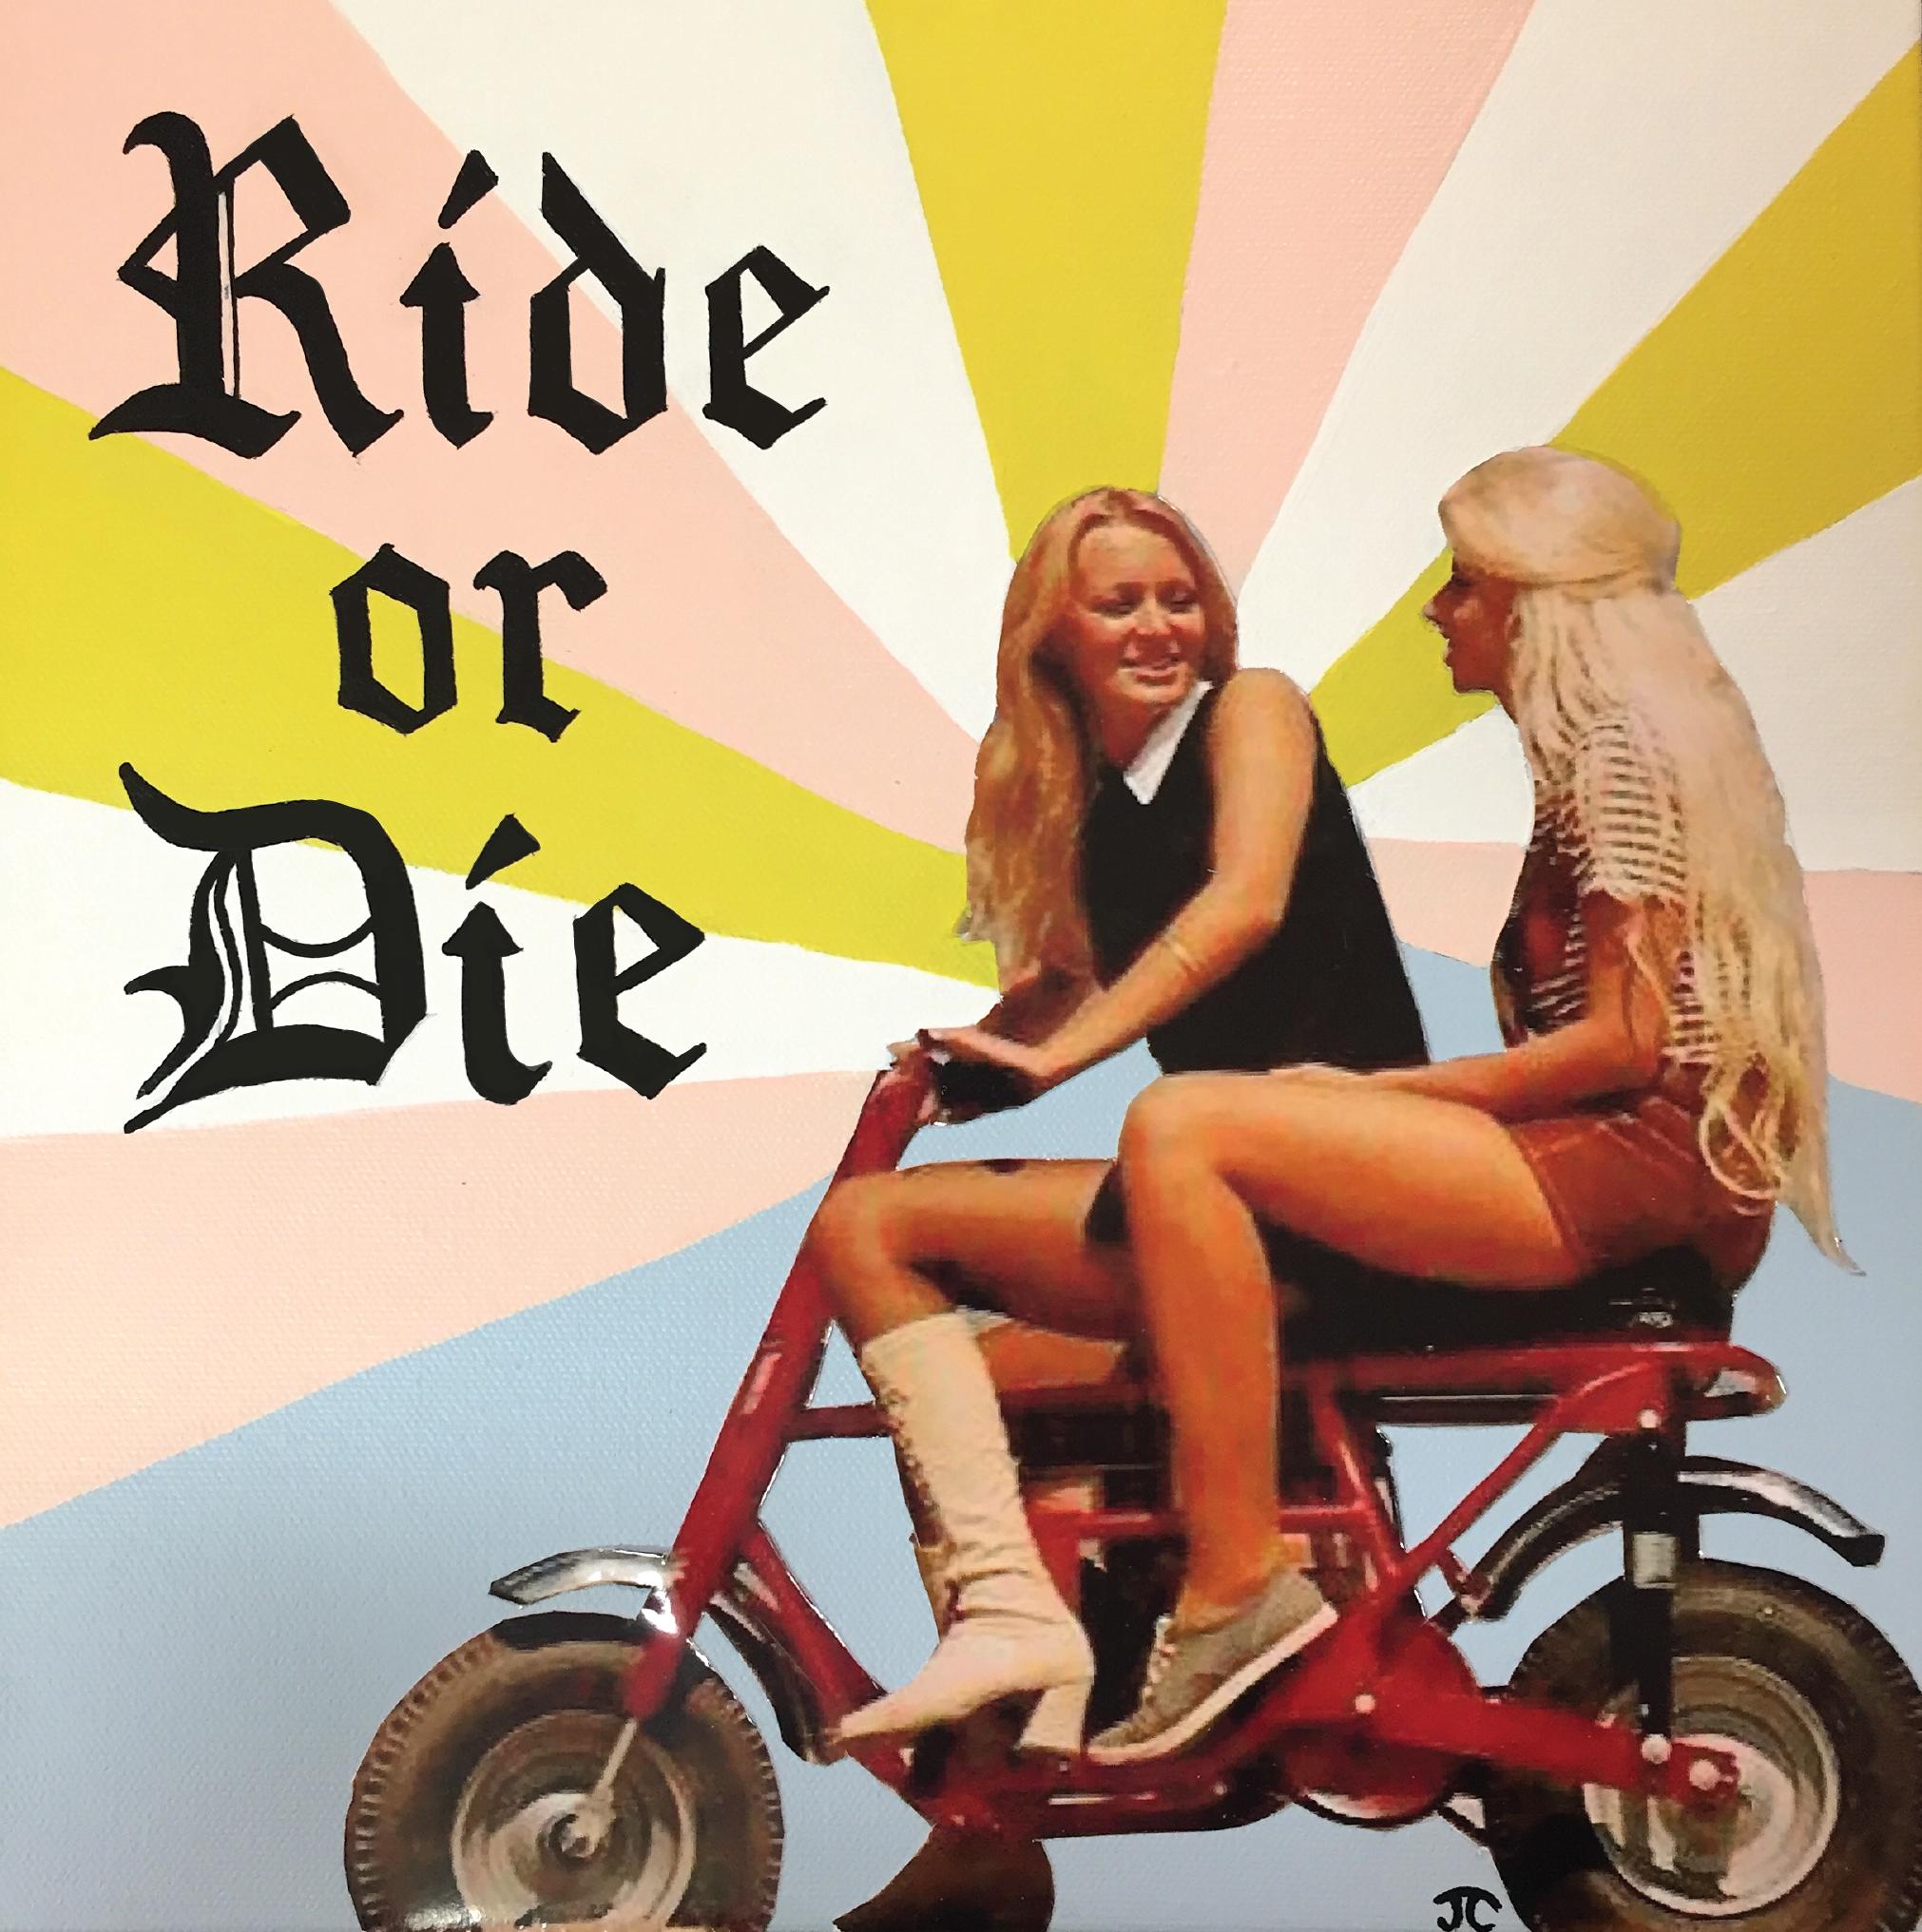 Ride or Die